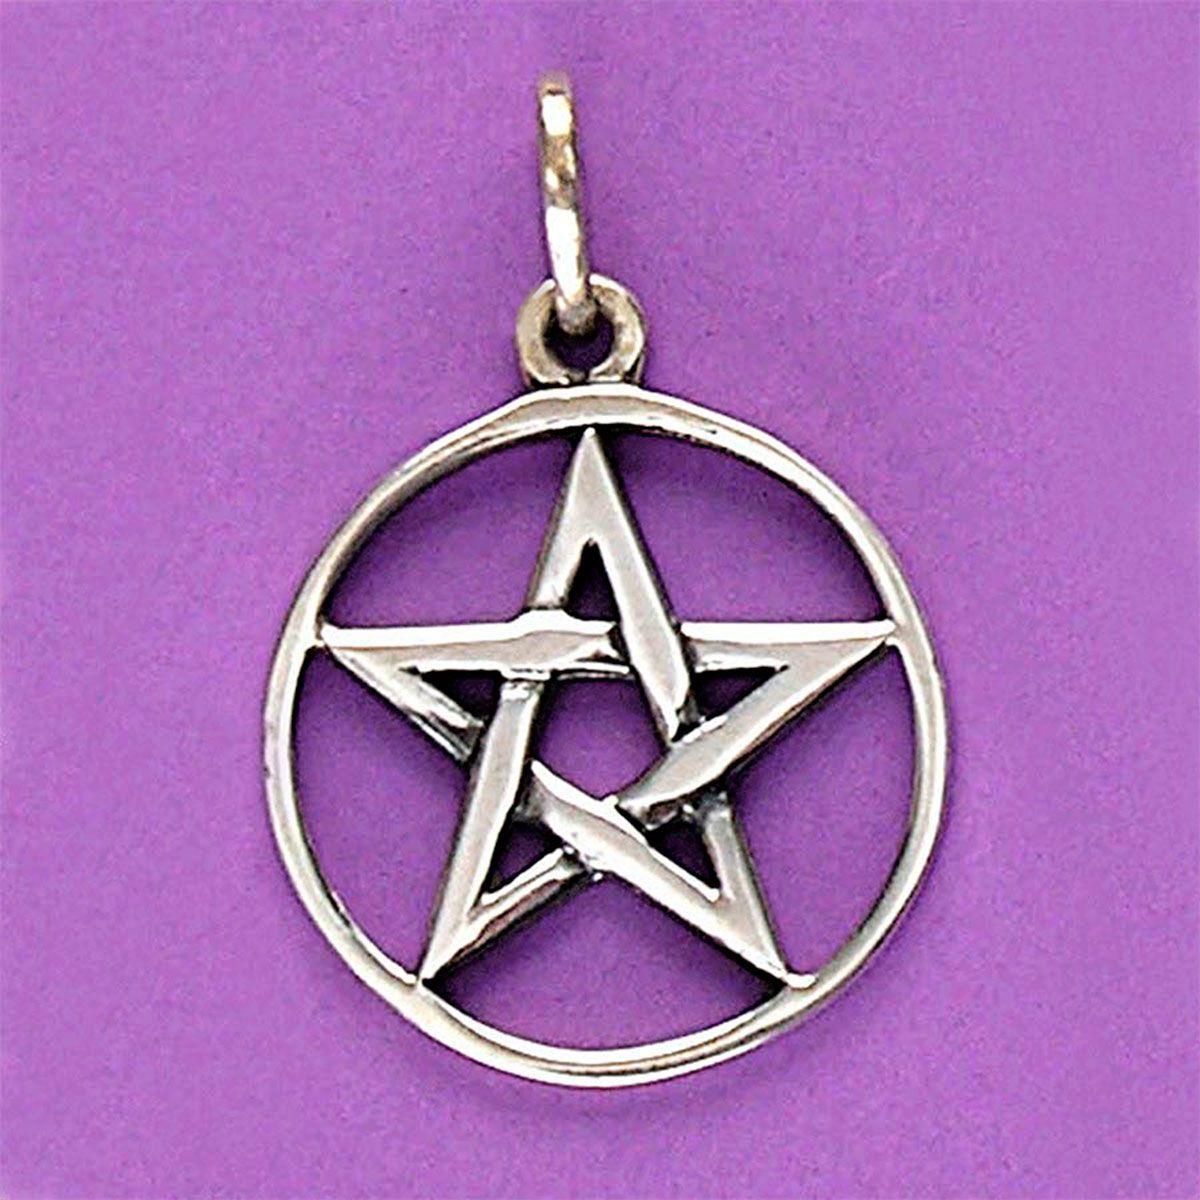 Pingente de Pentagrama ou Estrela de Salomão - 33130  - Magia das Joias